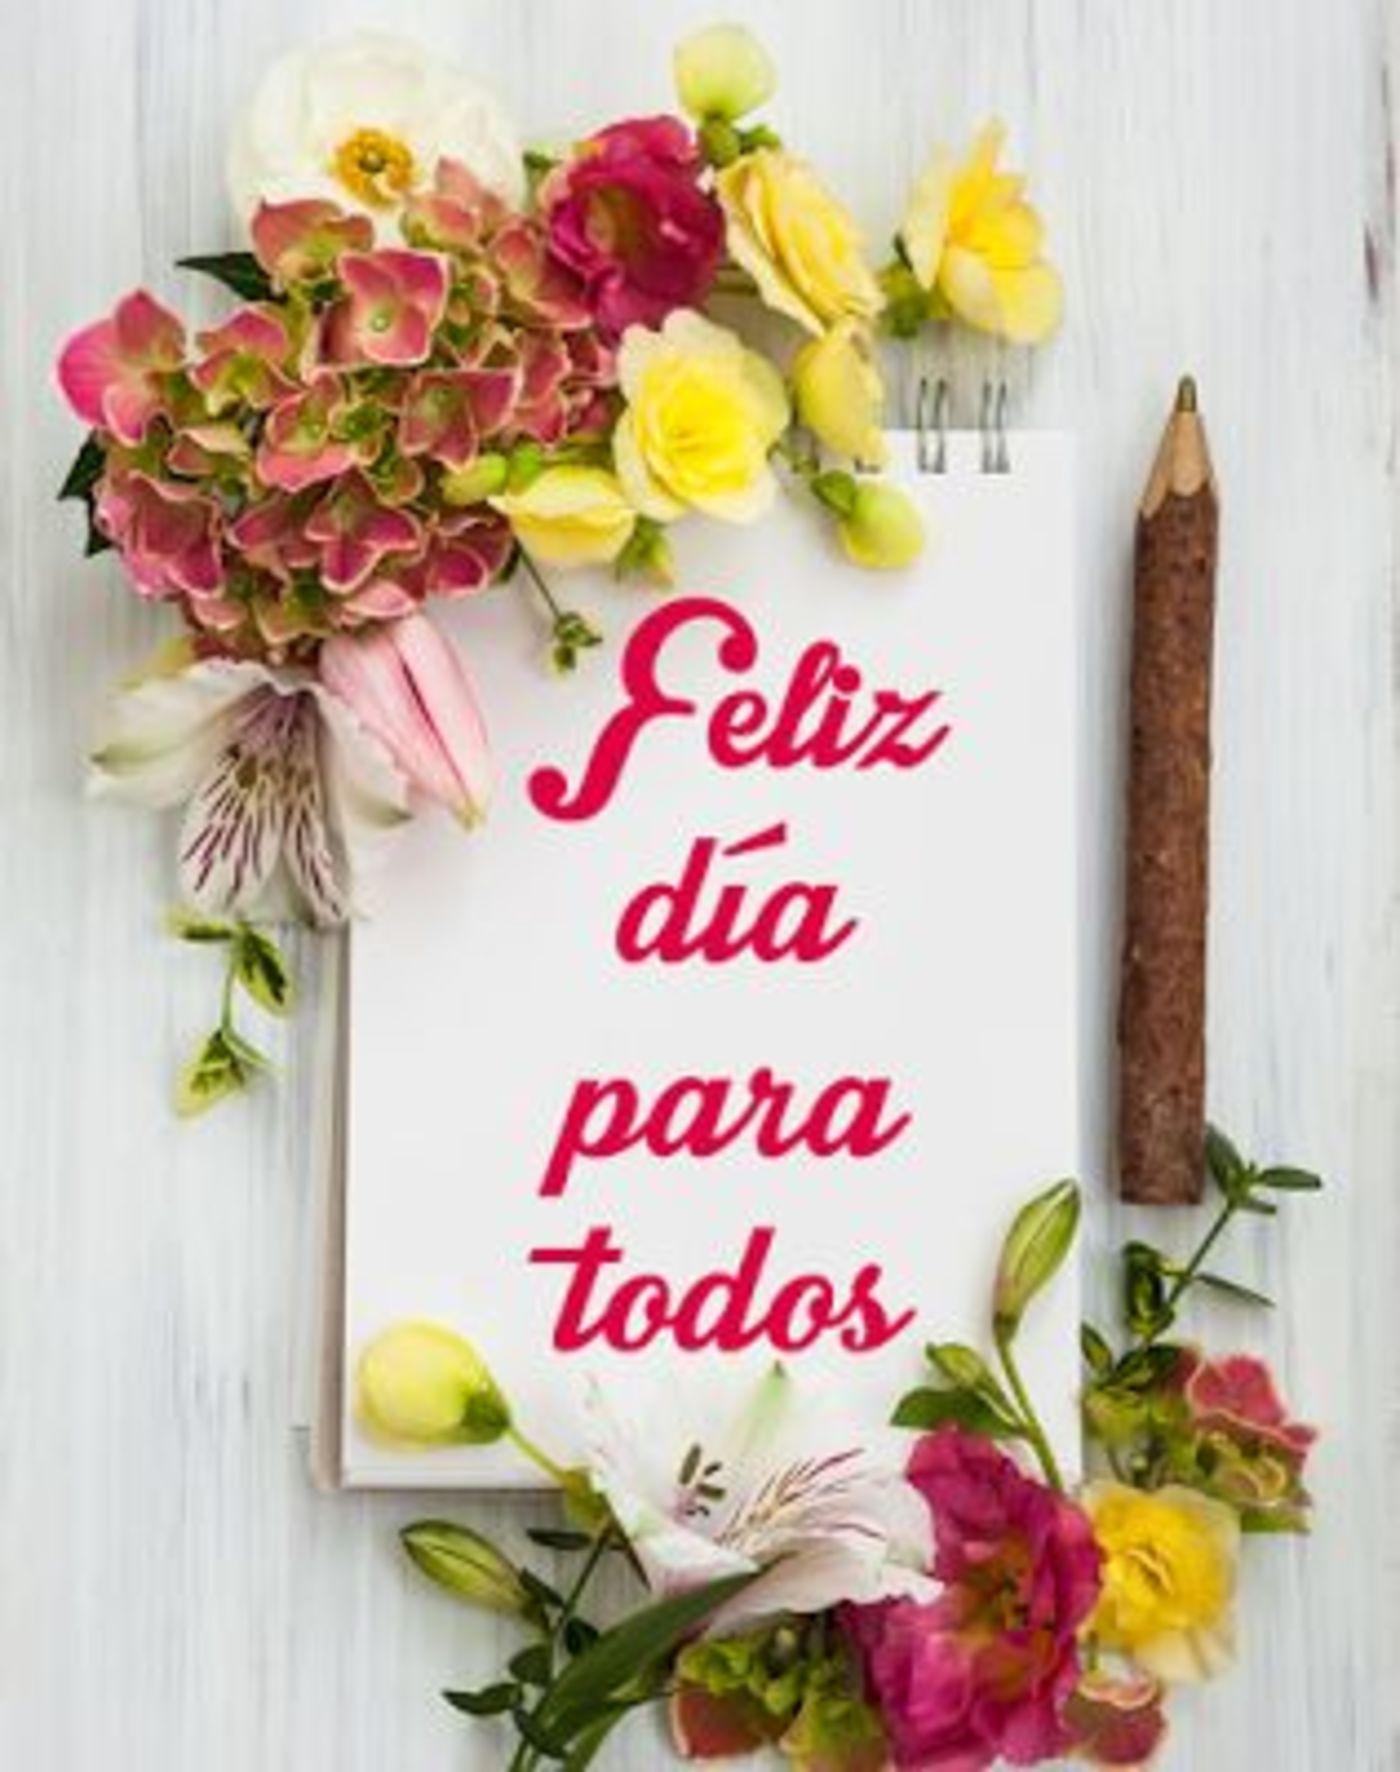 Feliz día para todos